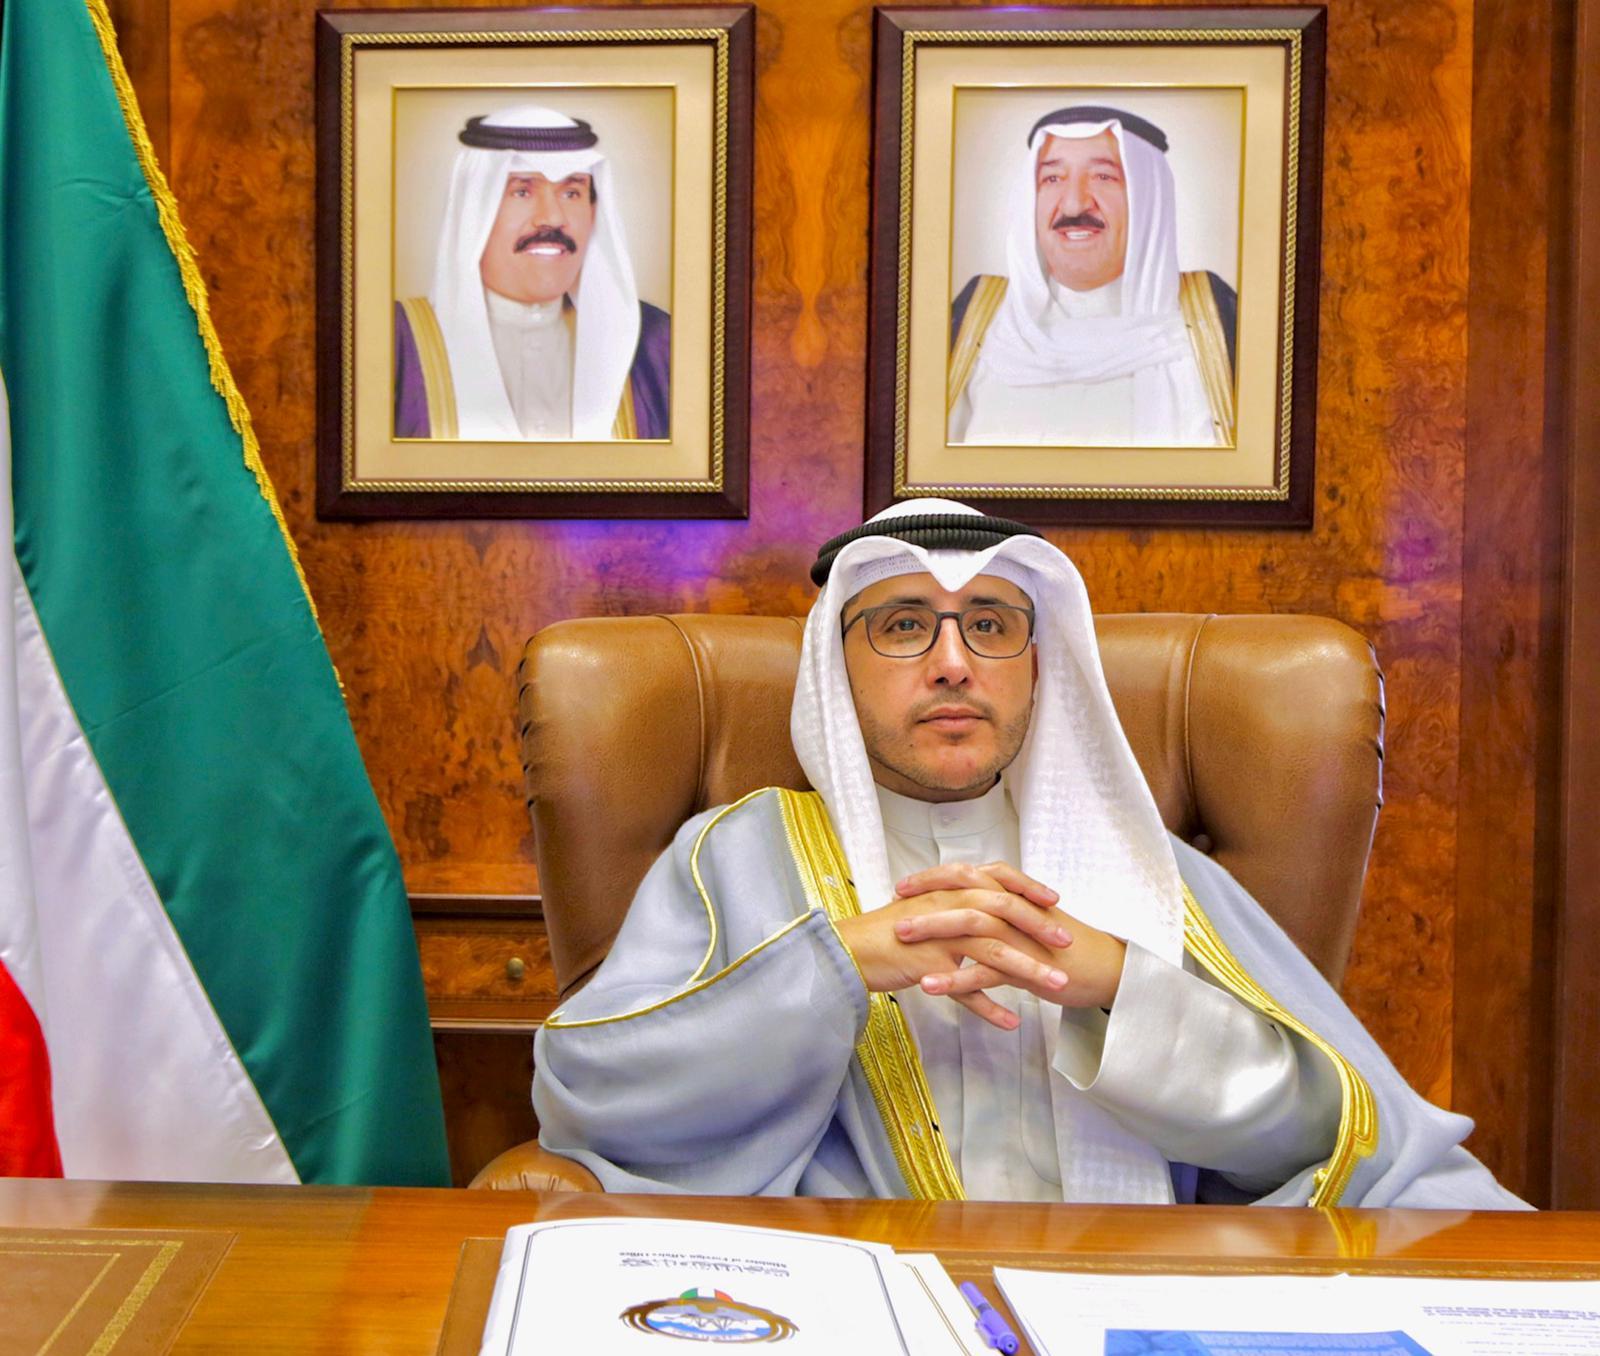 ممثل سمو ألامير يترأس وفد دولة الكويت في قمة التحالف العالمي للقاحات و التحصين